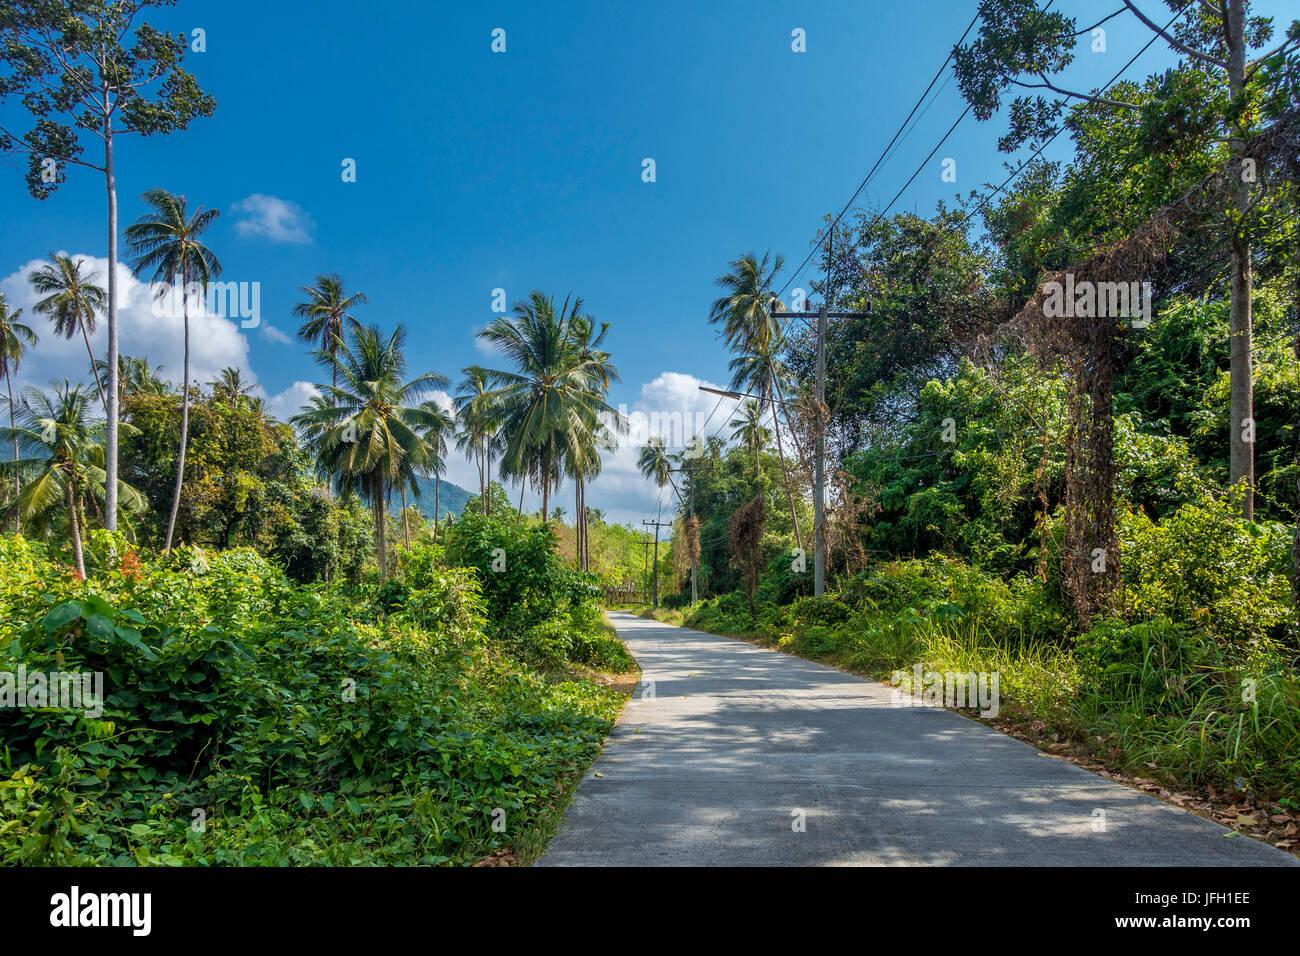 Route de campagne d'une végétation luxuriante sur Ko Samui, Thaïlande, Asie Photo Stock